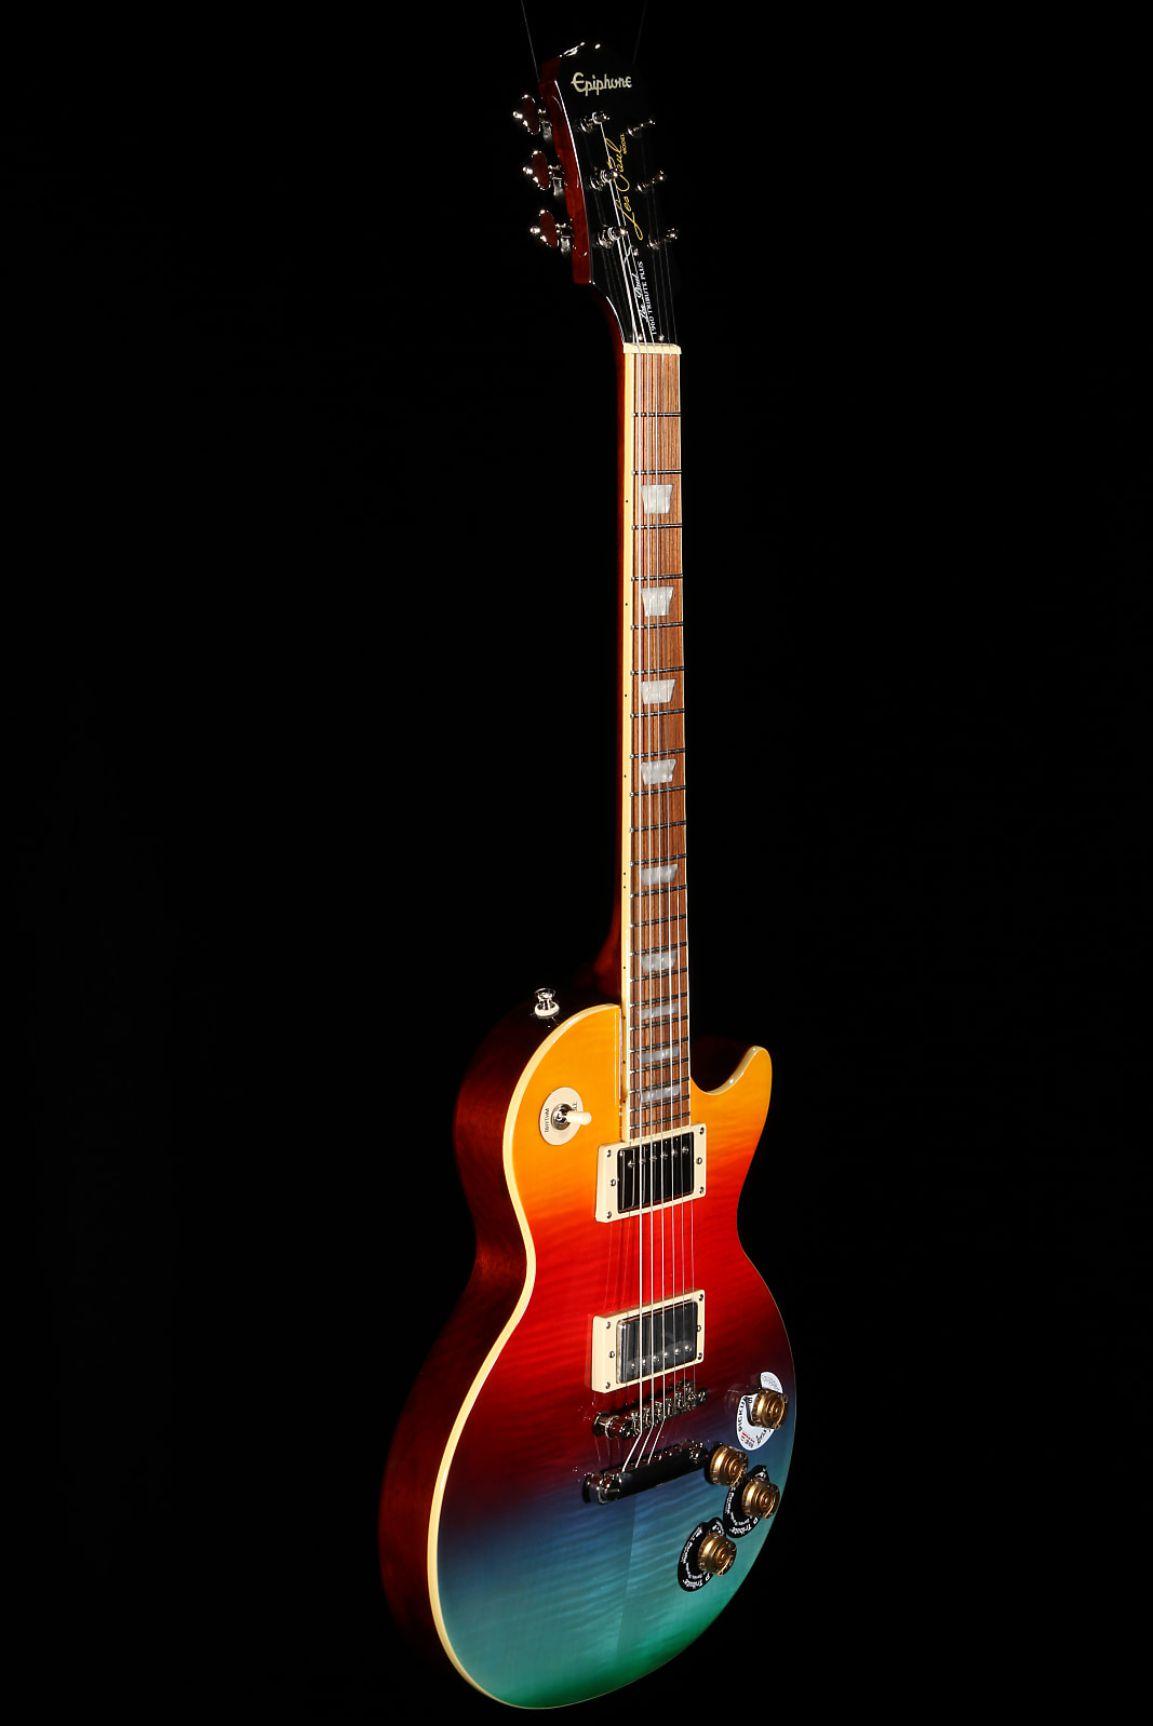 Guitarra Epiphone Lp Tribute Prizm Outfit Ltd Ed - Captadores Gibson Classic 57